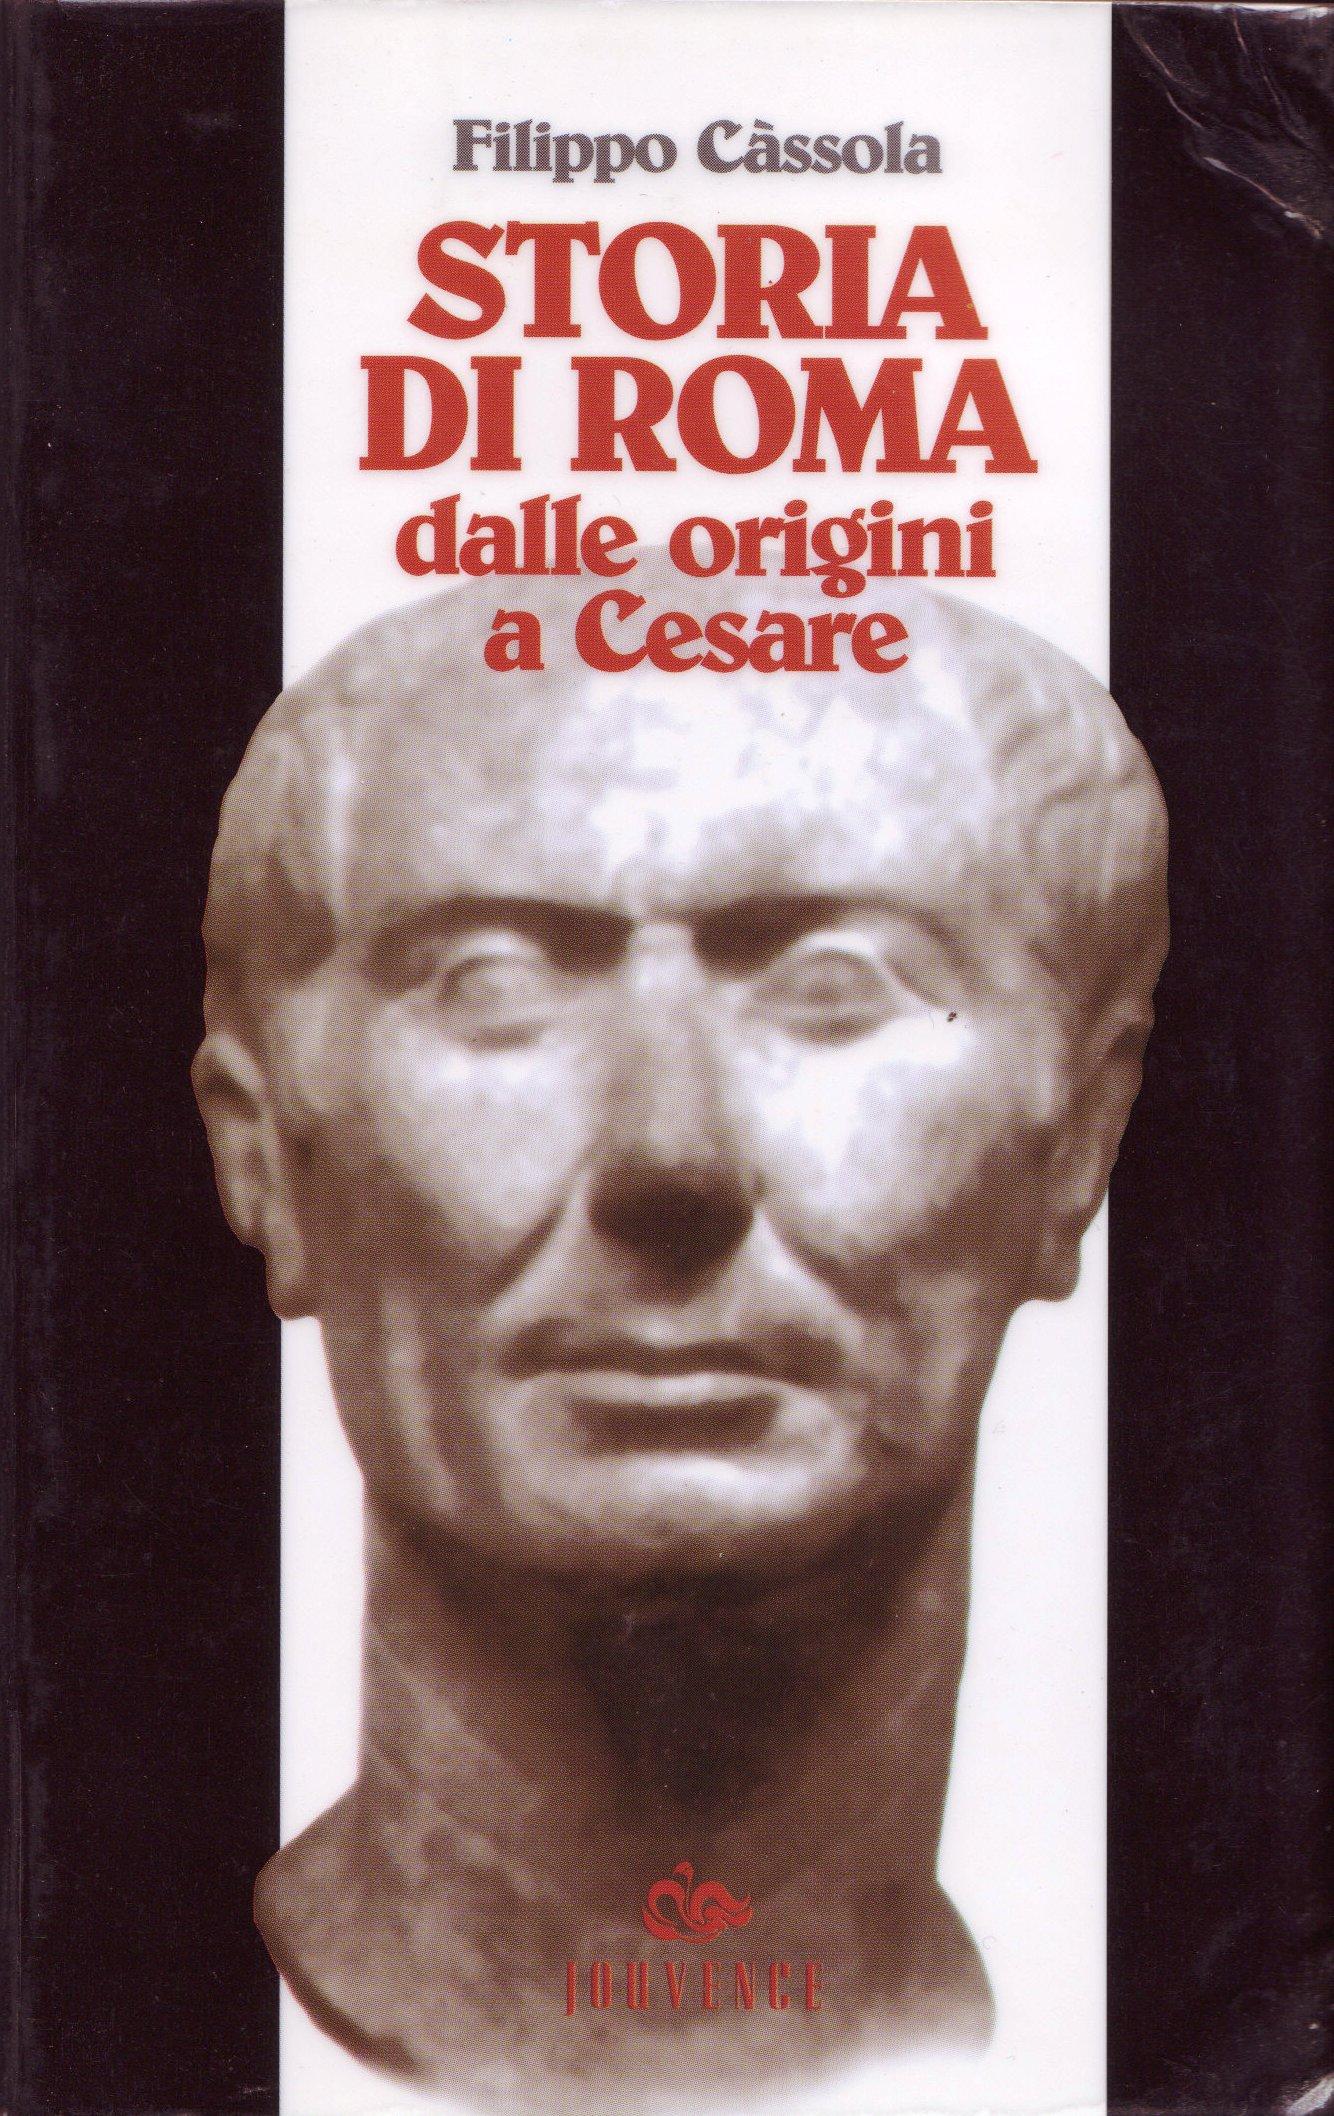 Storia di Roma dalle origini a Cesare